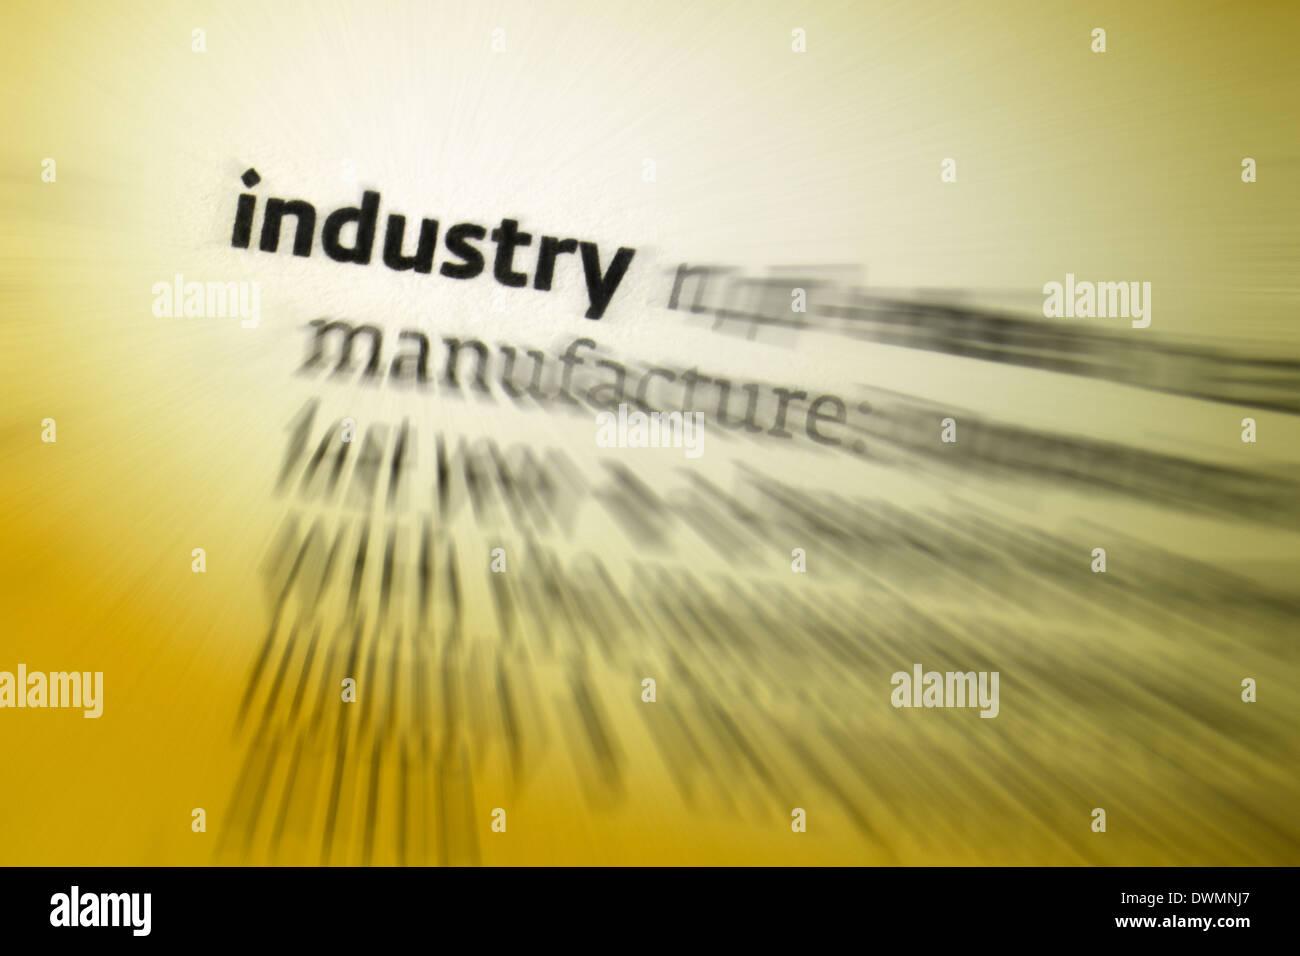 Industrie - wirtschaftliche Tätigkeit befasst sich mit der Verarbeitung der Rohstoffe und Herstellung von waren Stockbild